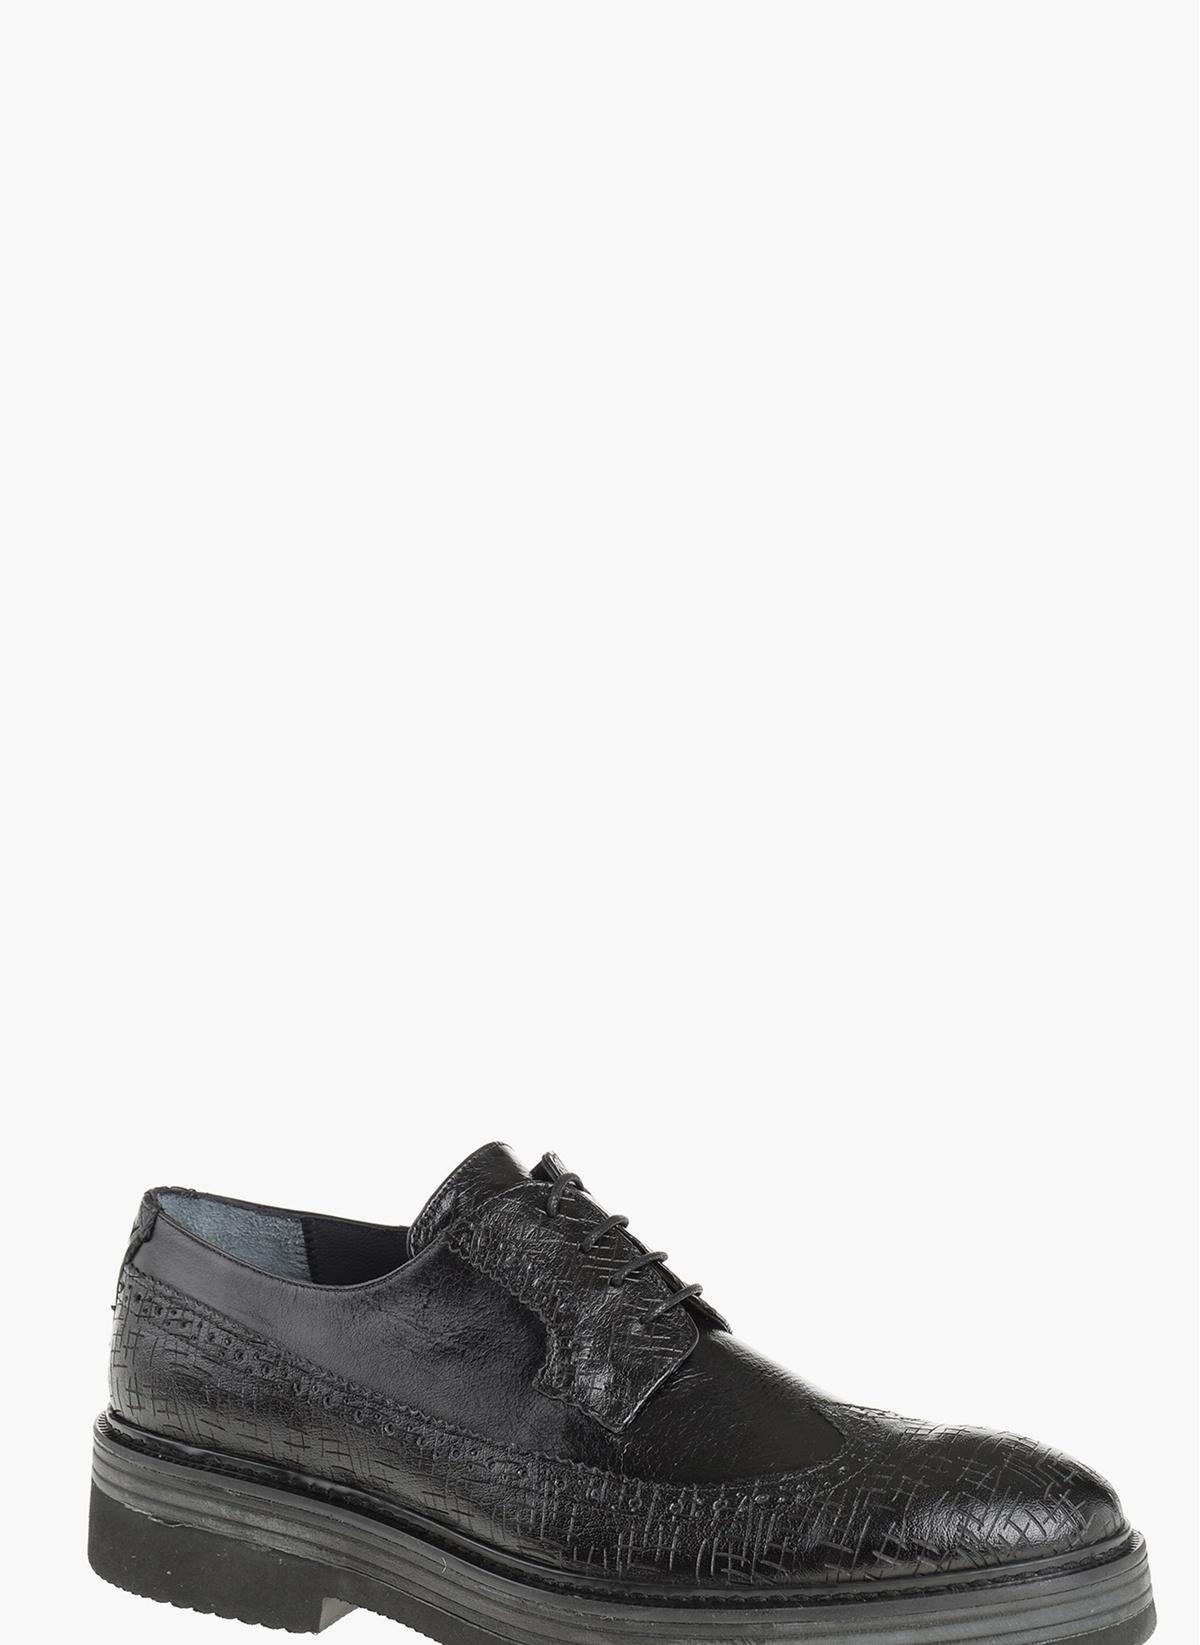 Divarese Deri Oxford Ayakkabı 5022135 E Ayakkabı – 298.5 TL